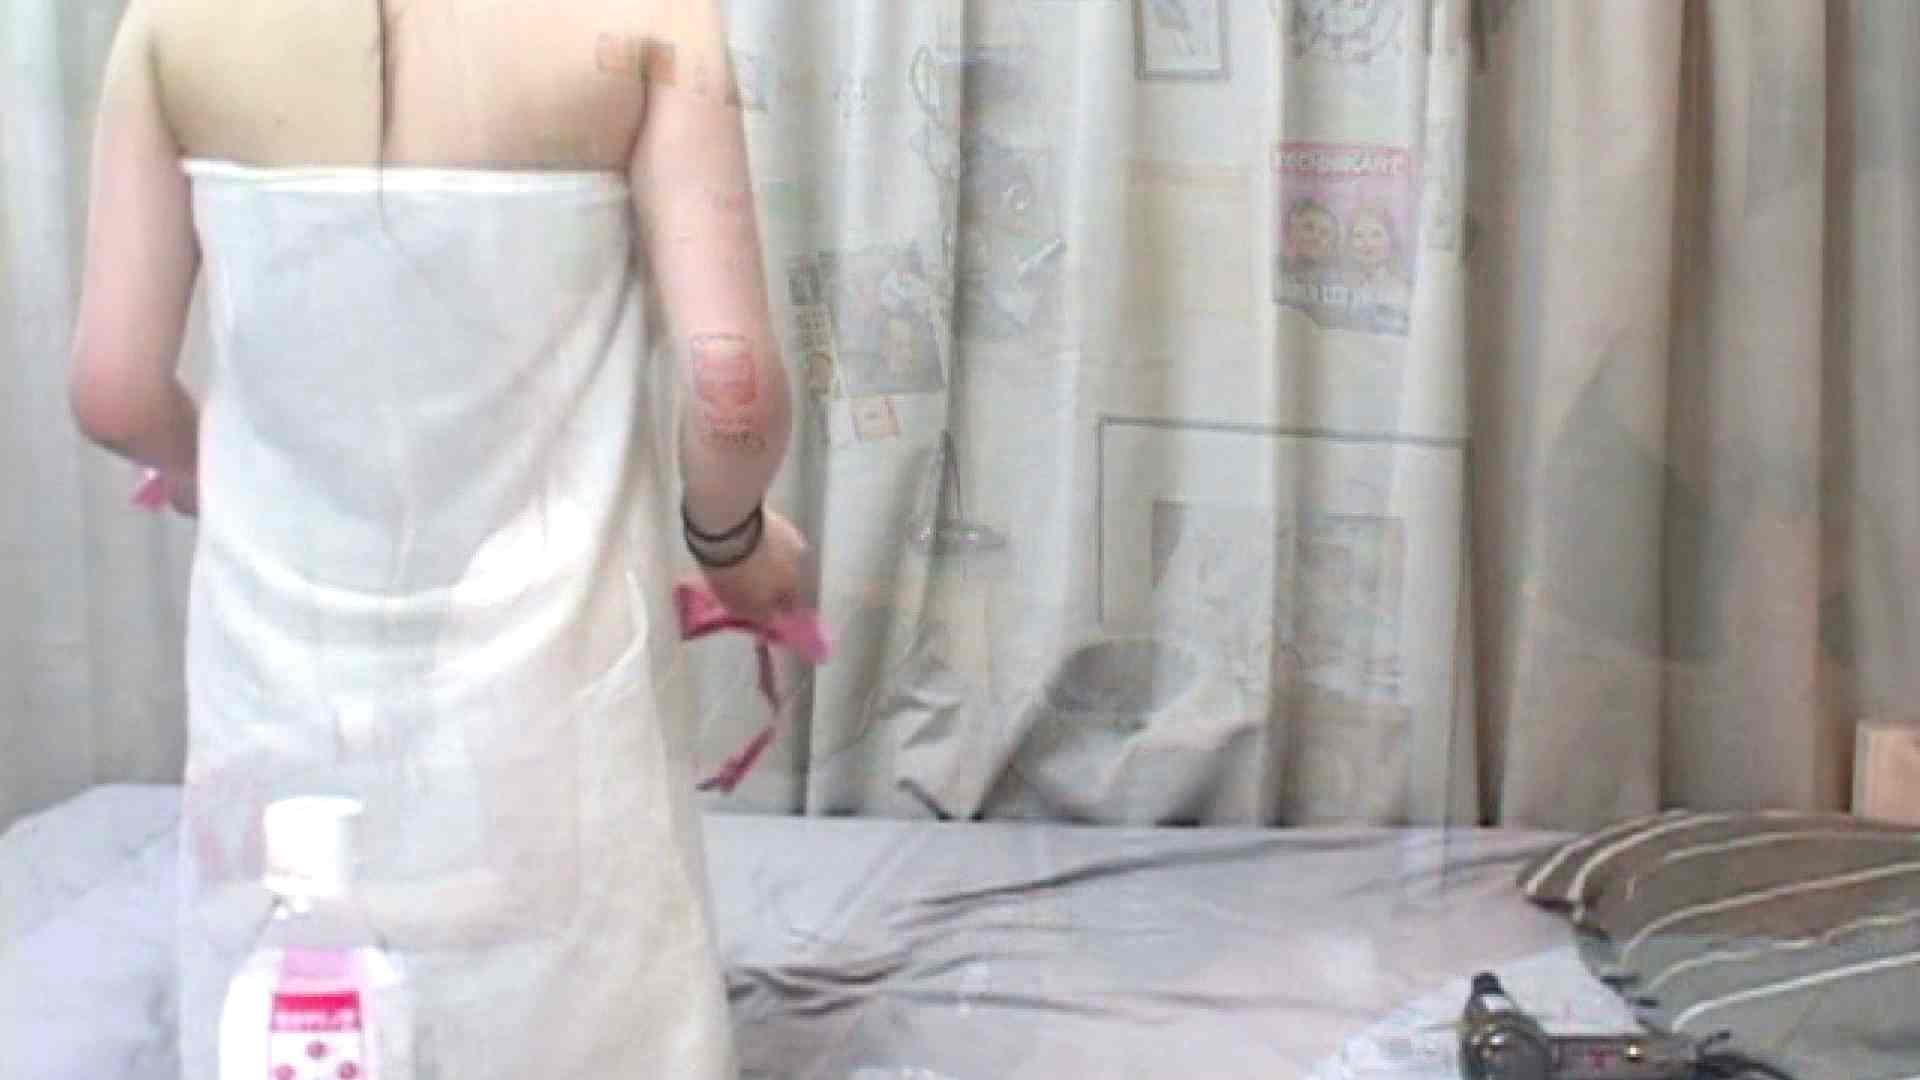 素人女良を部屋に連れ込み隠し撮りSEX!!その⑲ Dカップ潮吹き短大生 もとこ 潮吹き  108pic 20